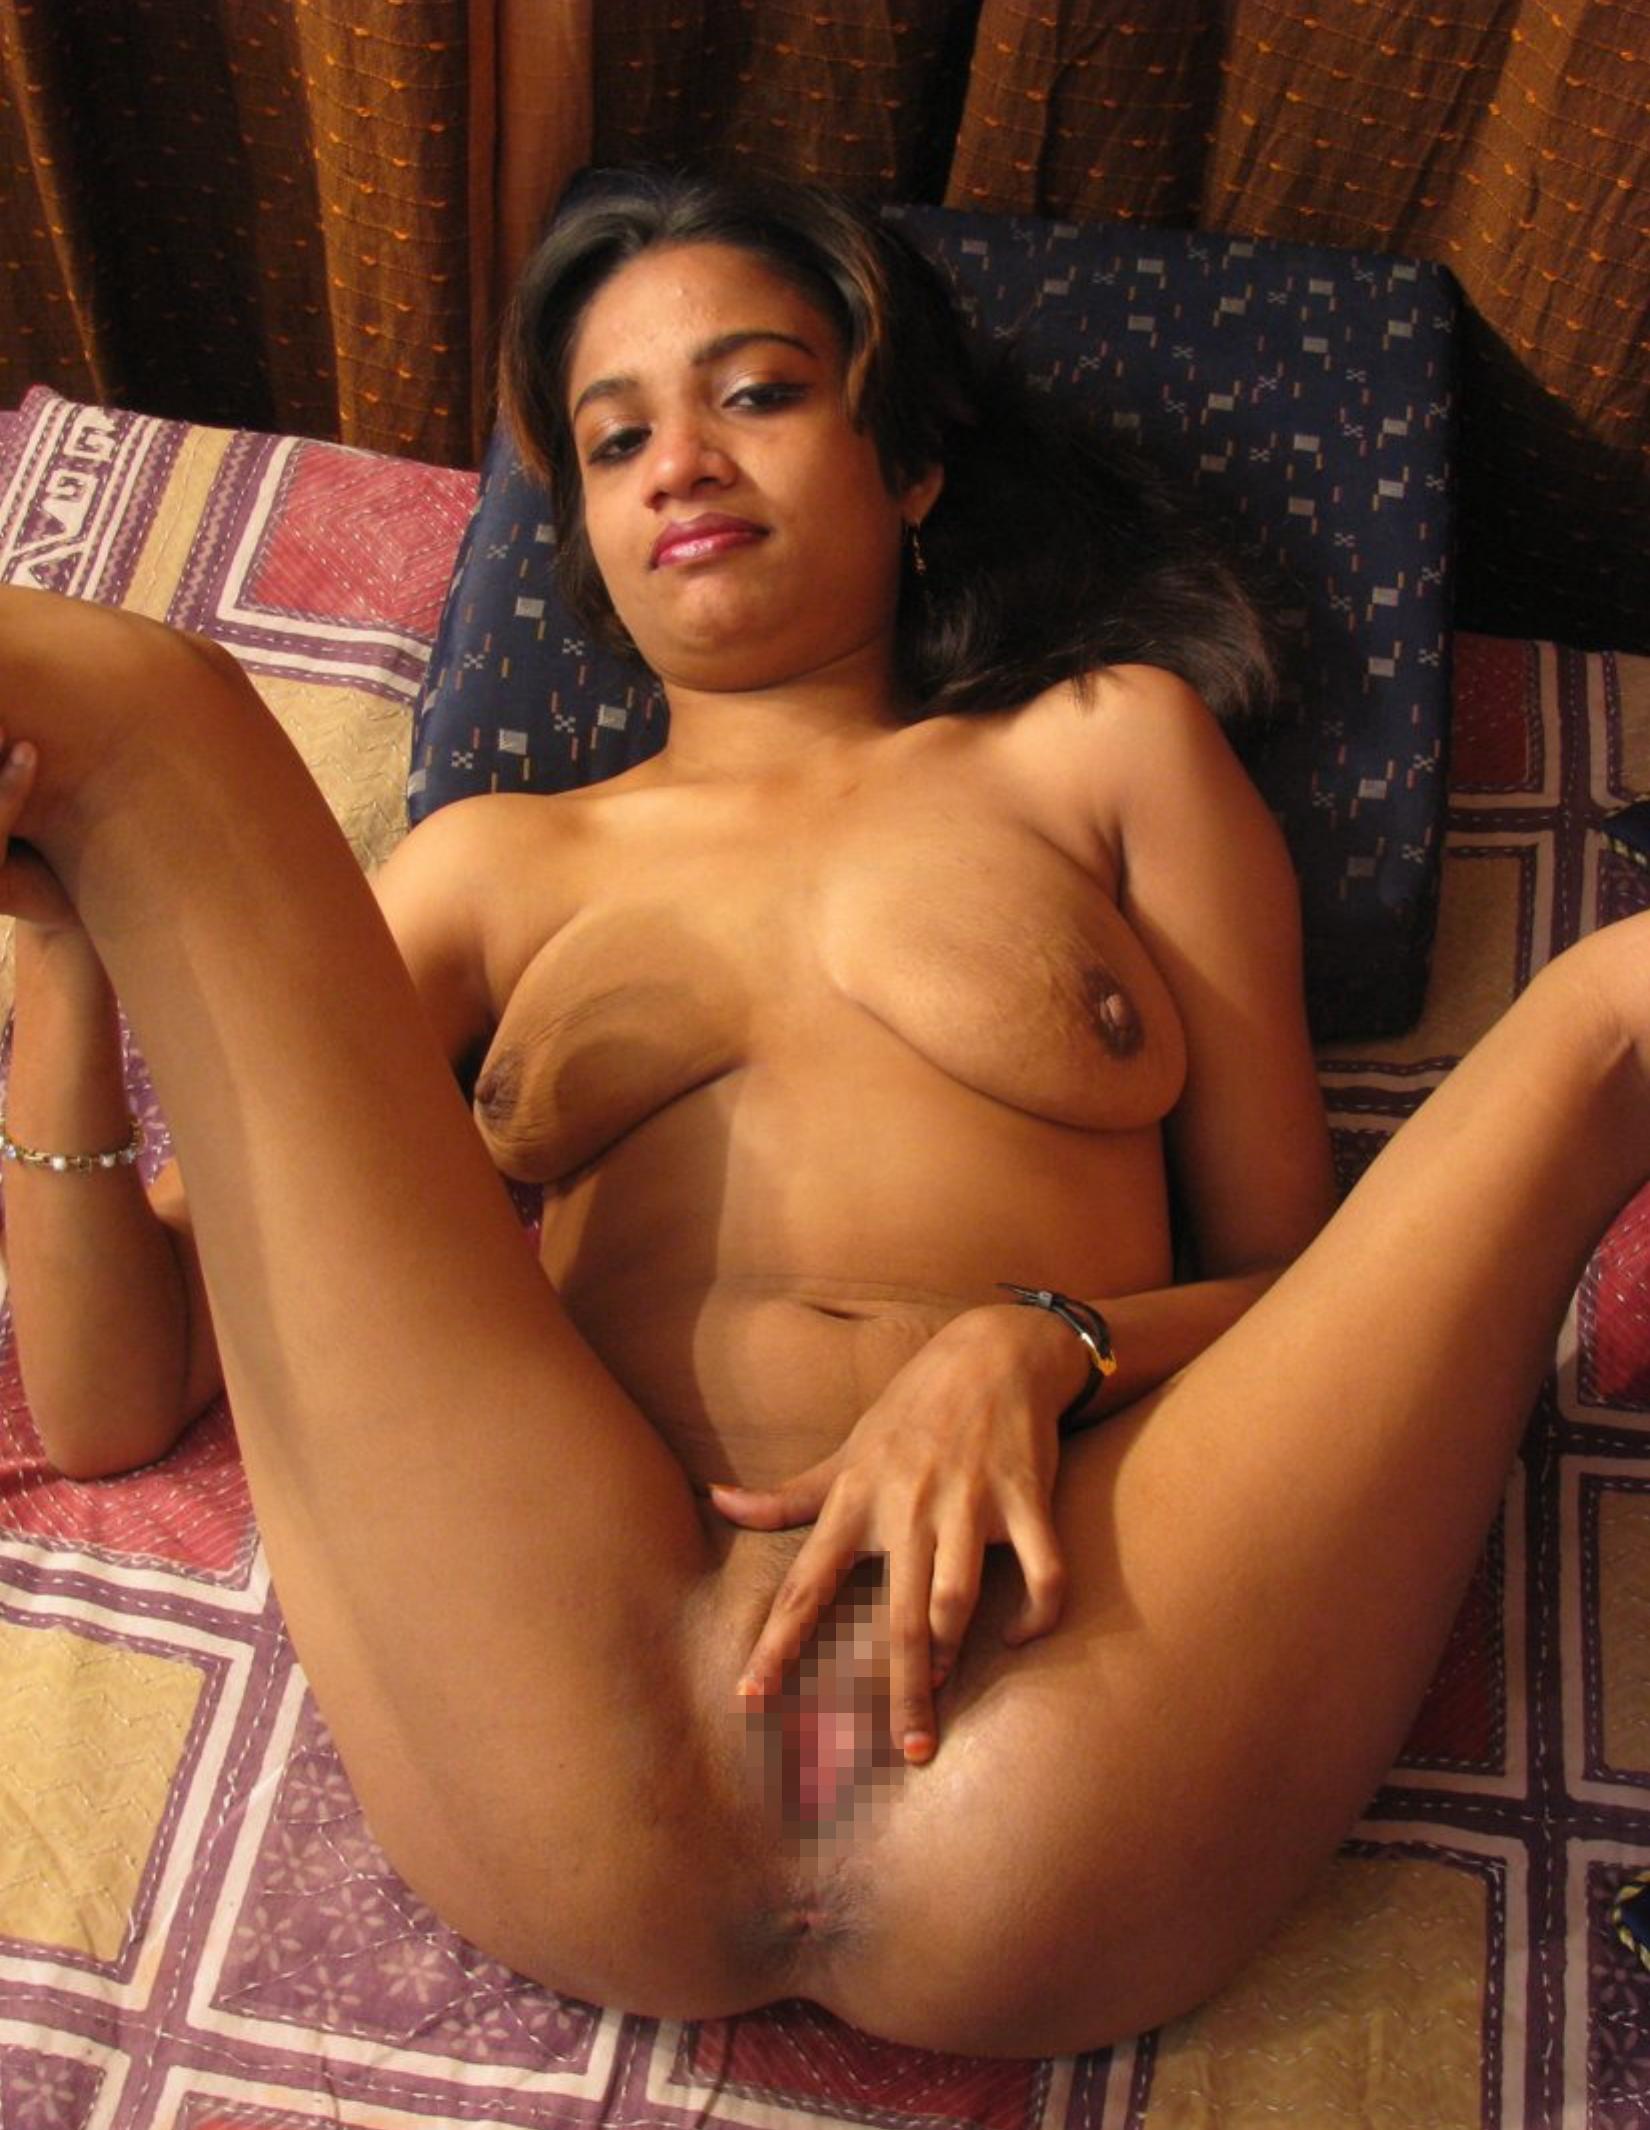 レ●プ大国インド女性たちの性器をご覧下さい・・・・・・(画像33枚)・30枚目